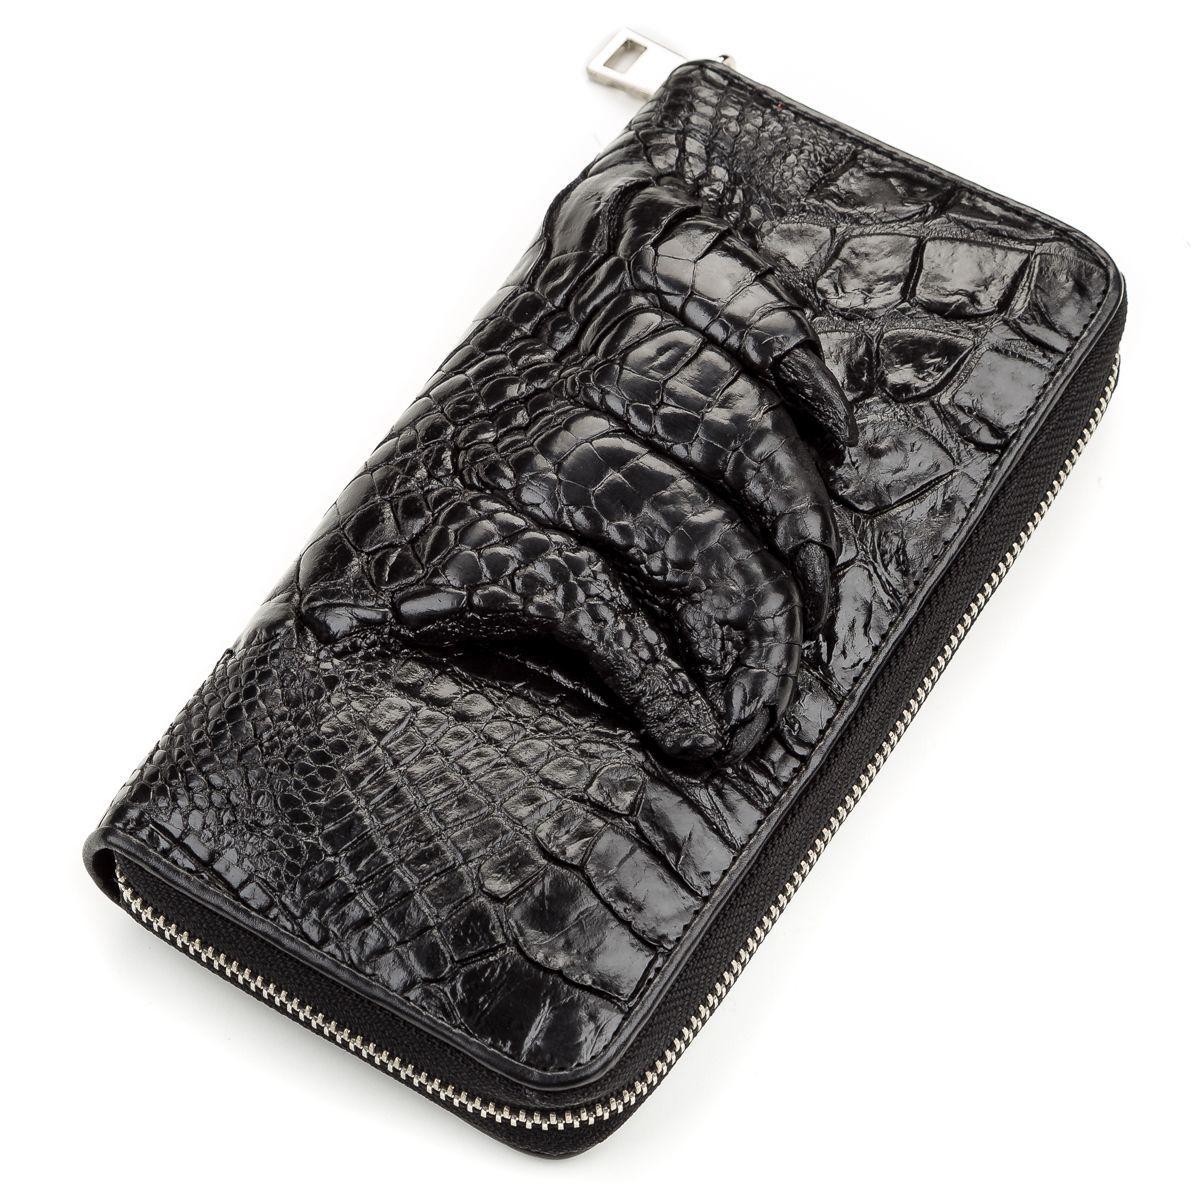 Клатч CROCODILE LEATHER 18172 из натуральной кожи крокодила Черный